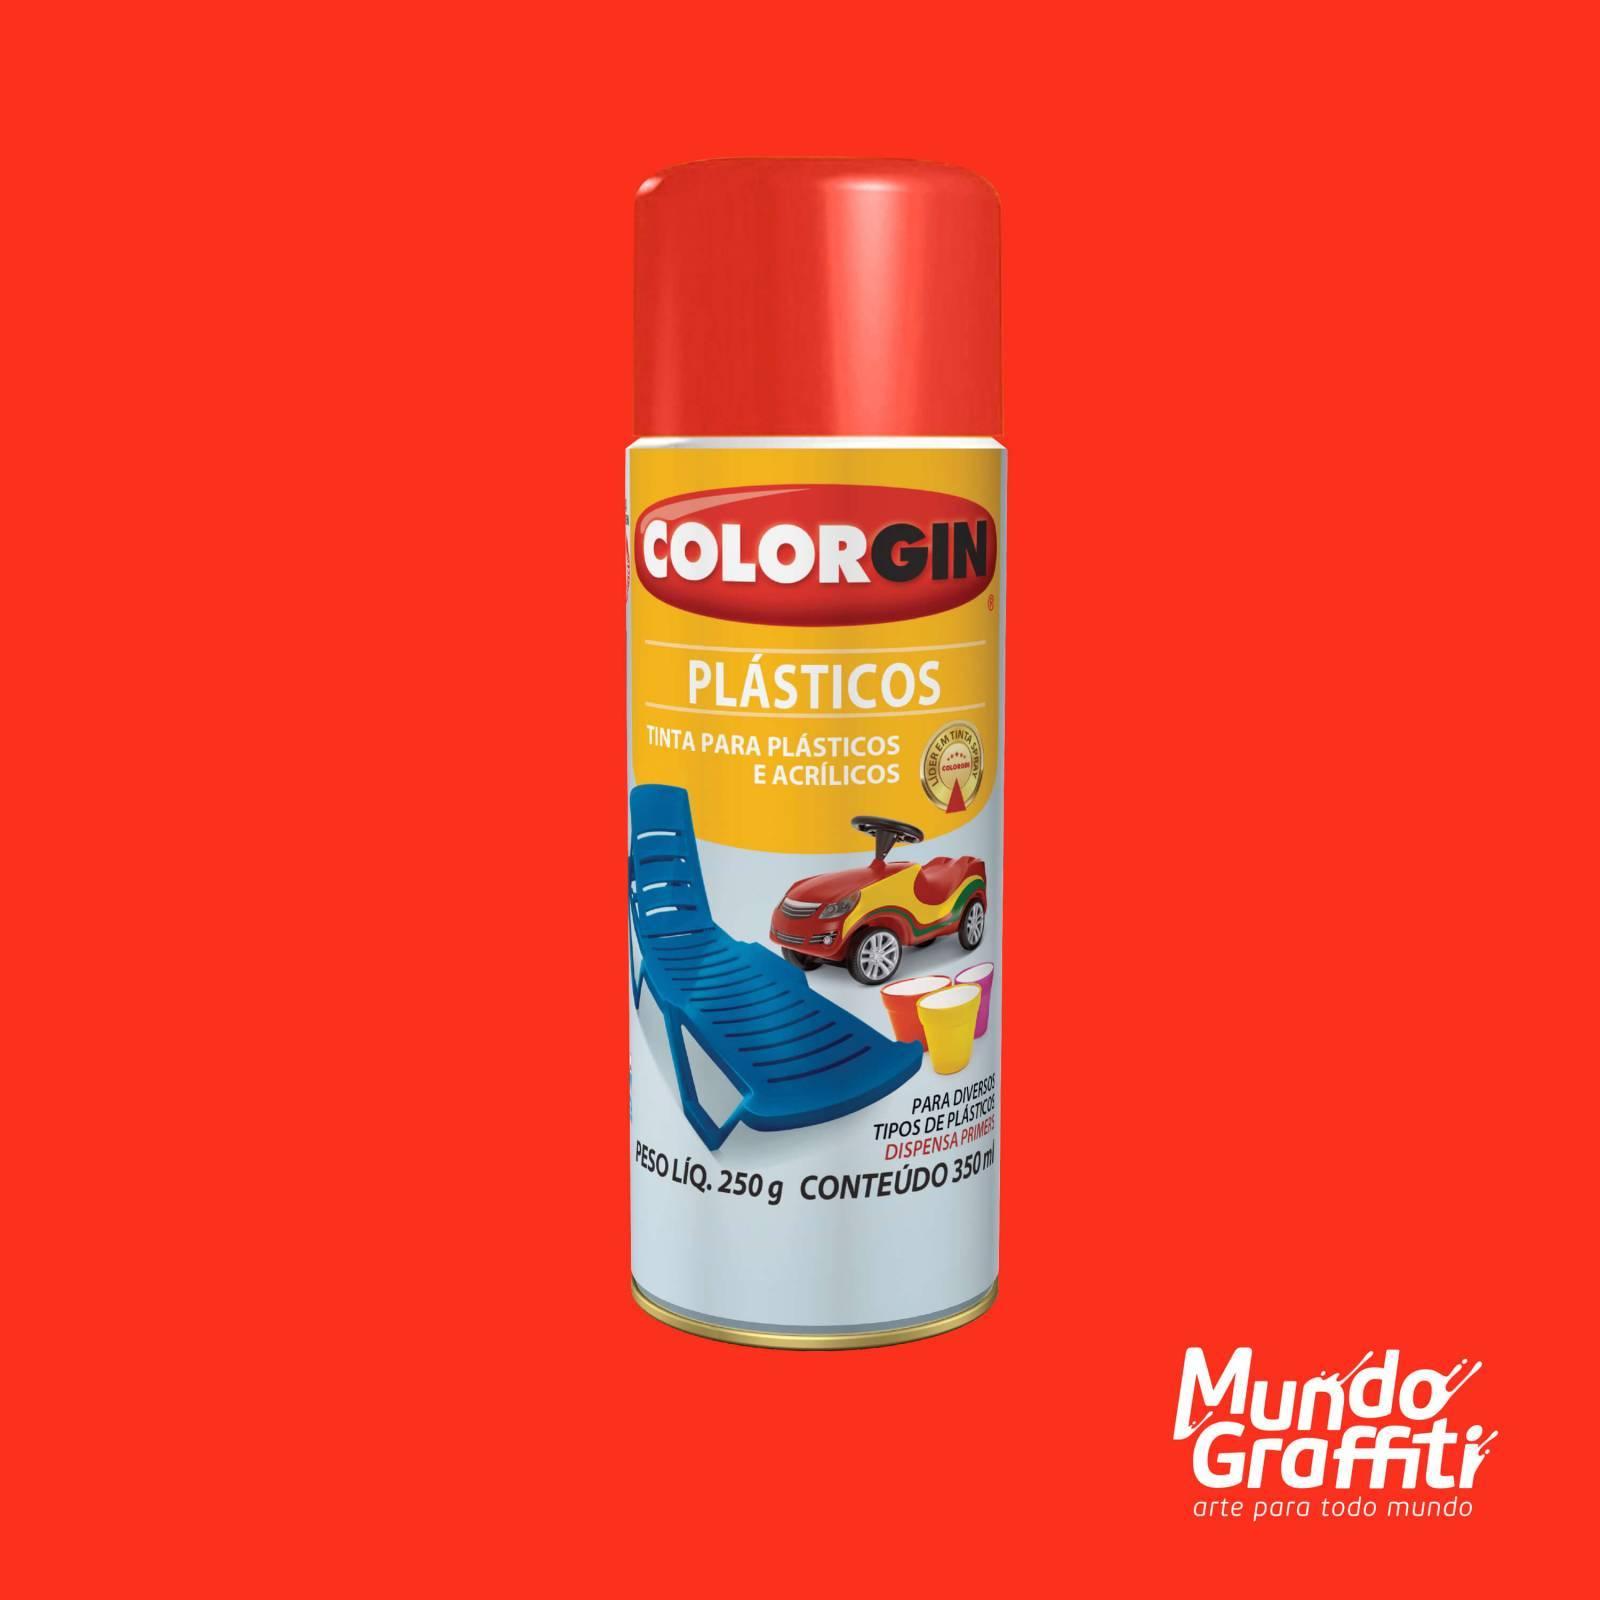 Tinta Spray Colorgin p/ Plasticos 1504 Vermelho 350ml - Mundo Graffiti